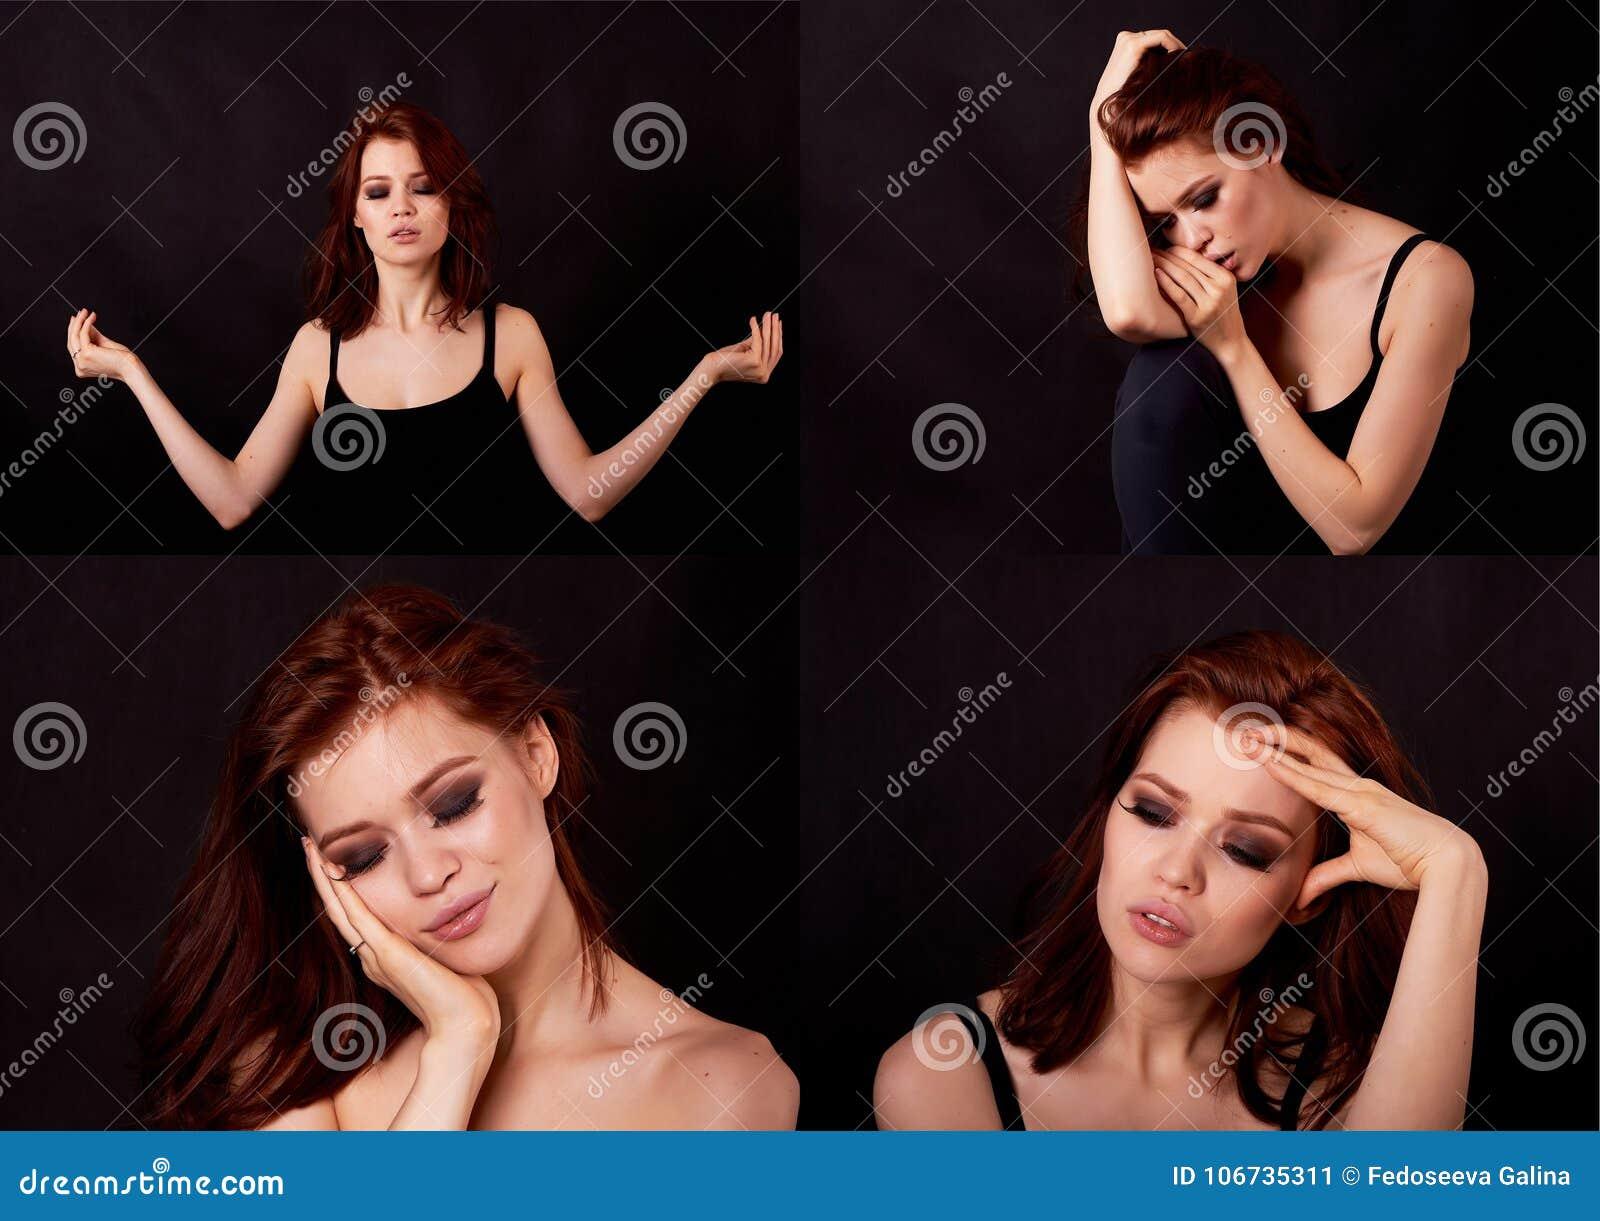 Dziewczyna w studiu na czarnym tle Czerwony włosy, wielka postać kolaż Emocjonalnego stanu ładne dziewczyny